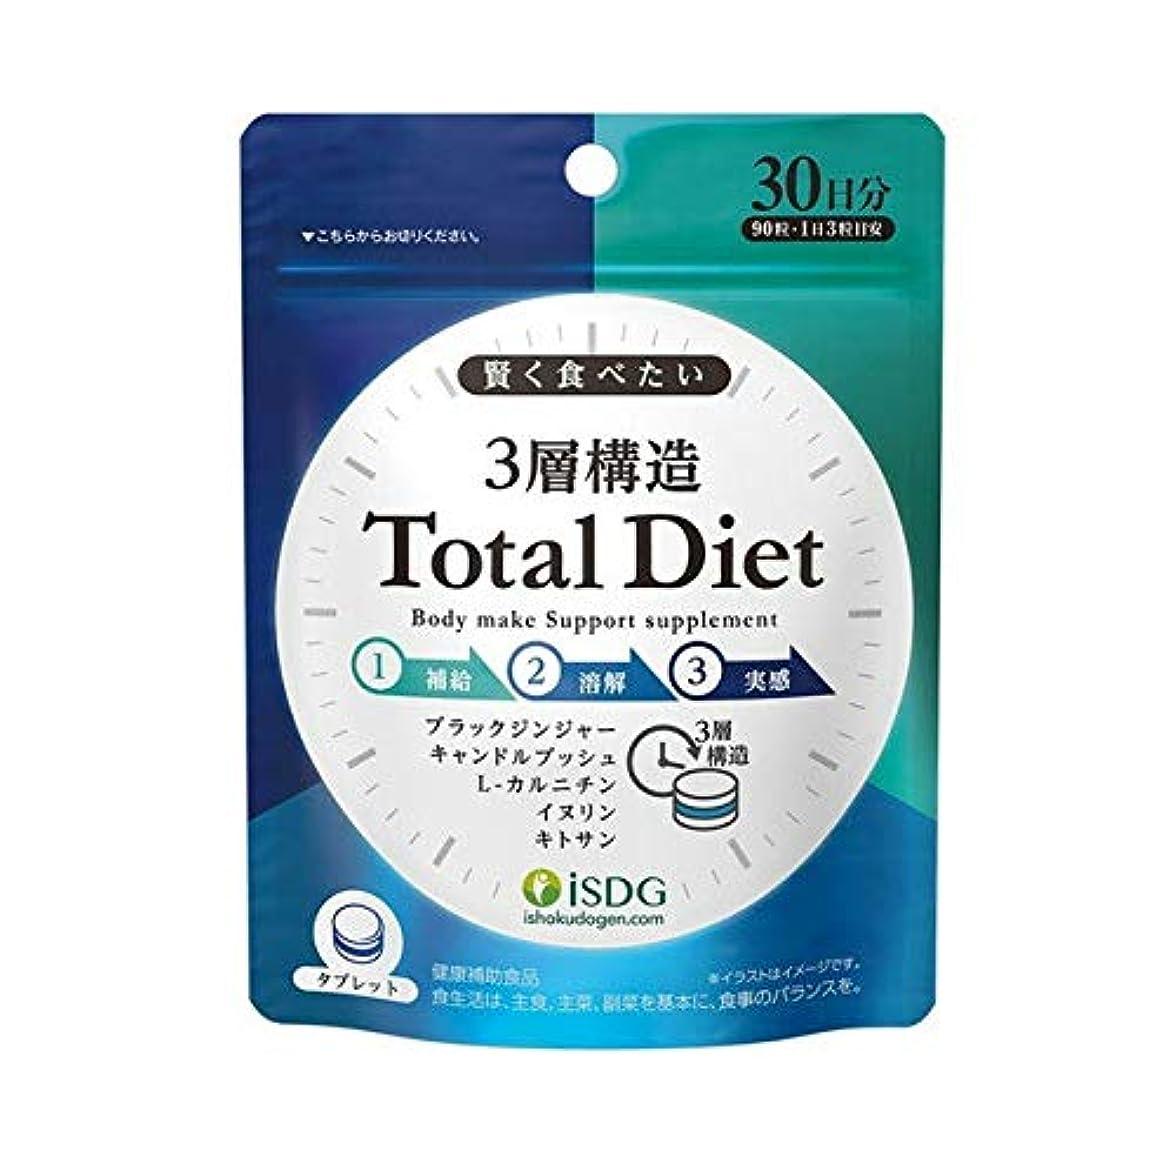 快適認可絶滅医食同源ドットコム ISDG 3層構造 Total Diet 90粒入 トータル ダイエット×10個セット